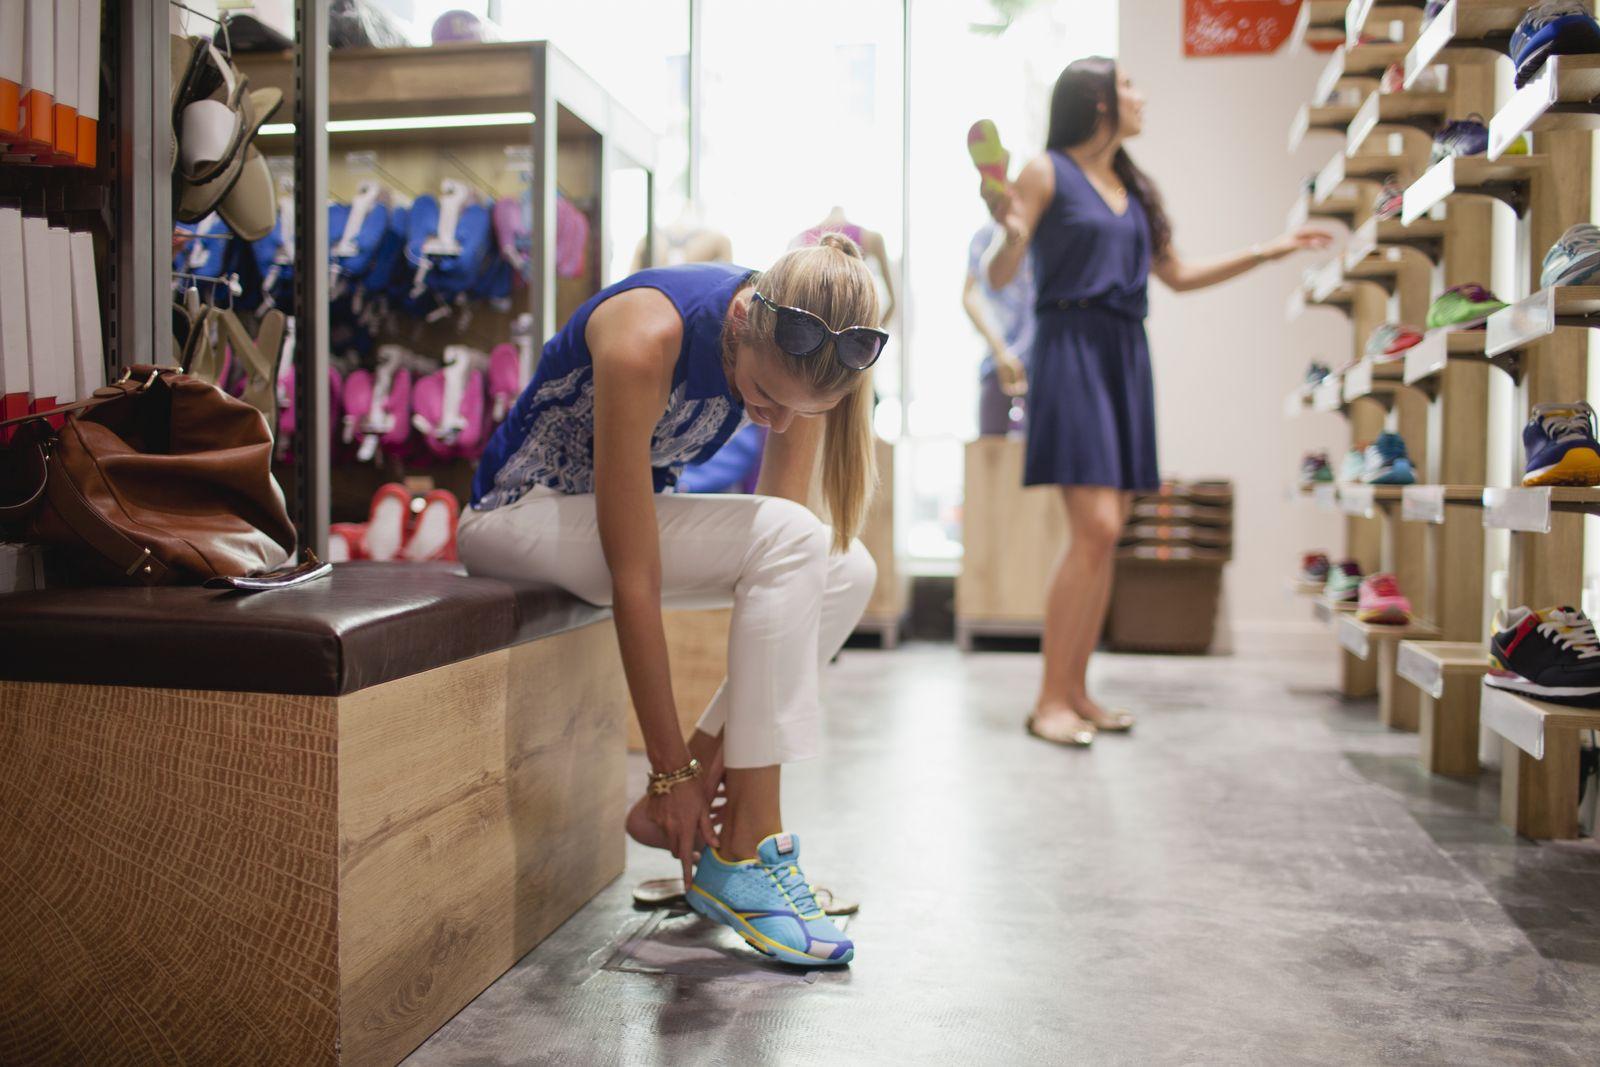 NICHT MEHR VERWENDEN! - Frauen/ Shopping/ Shoppen/ Schuhkauf/ Sportschuhe